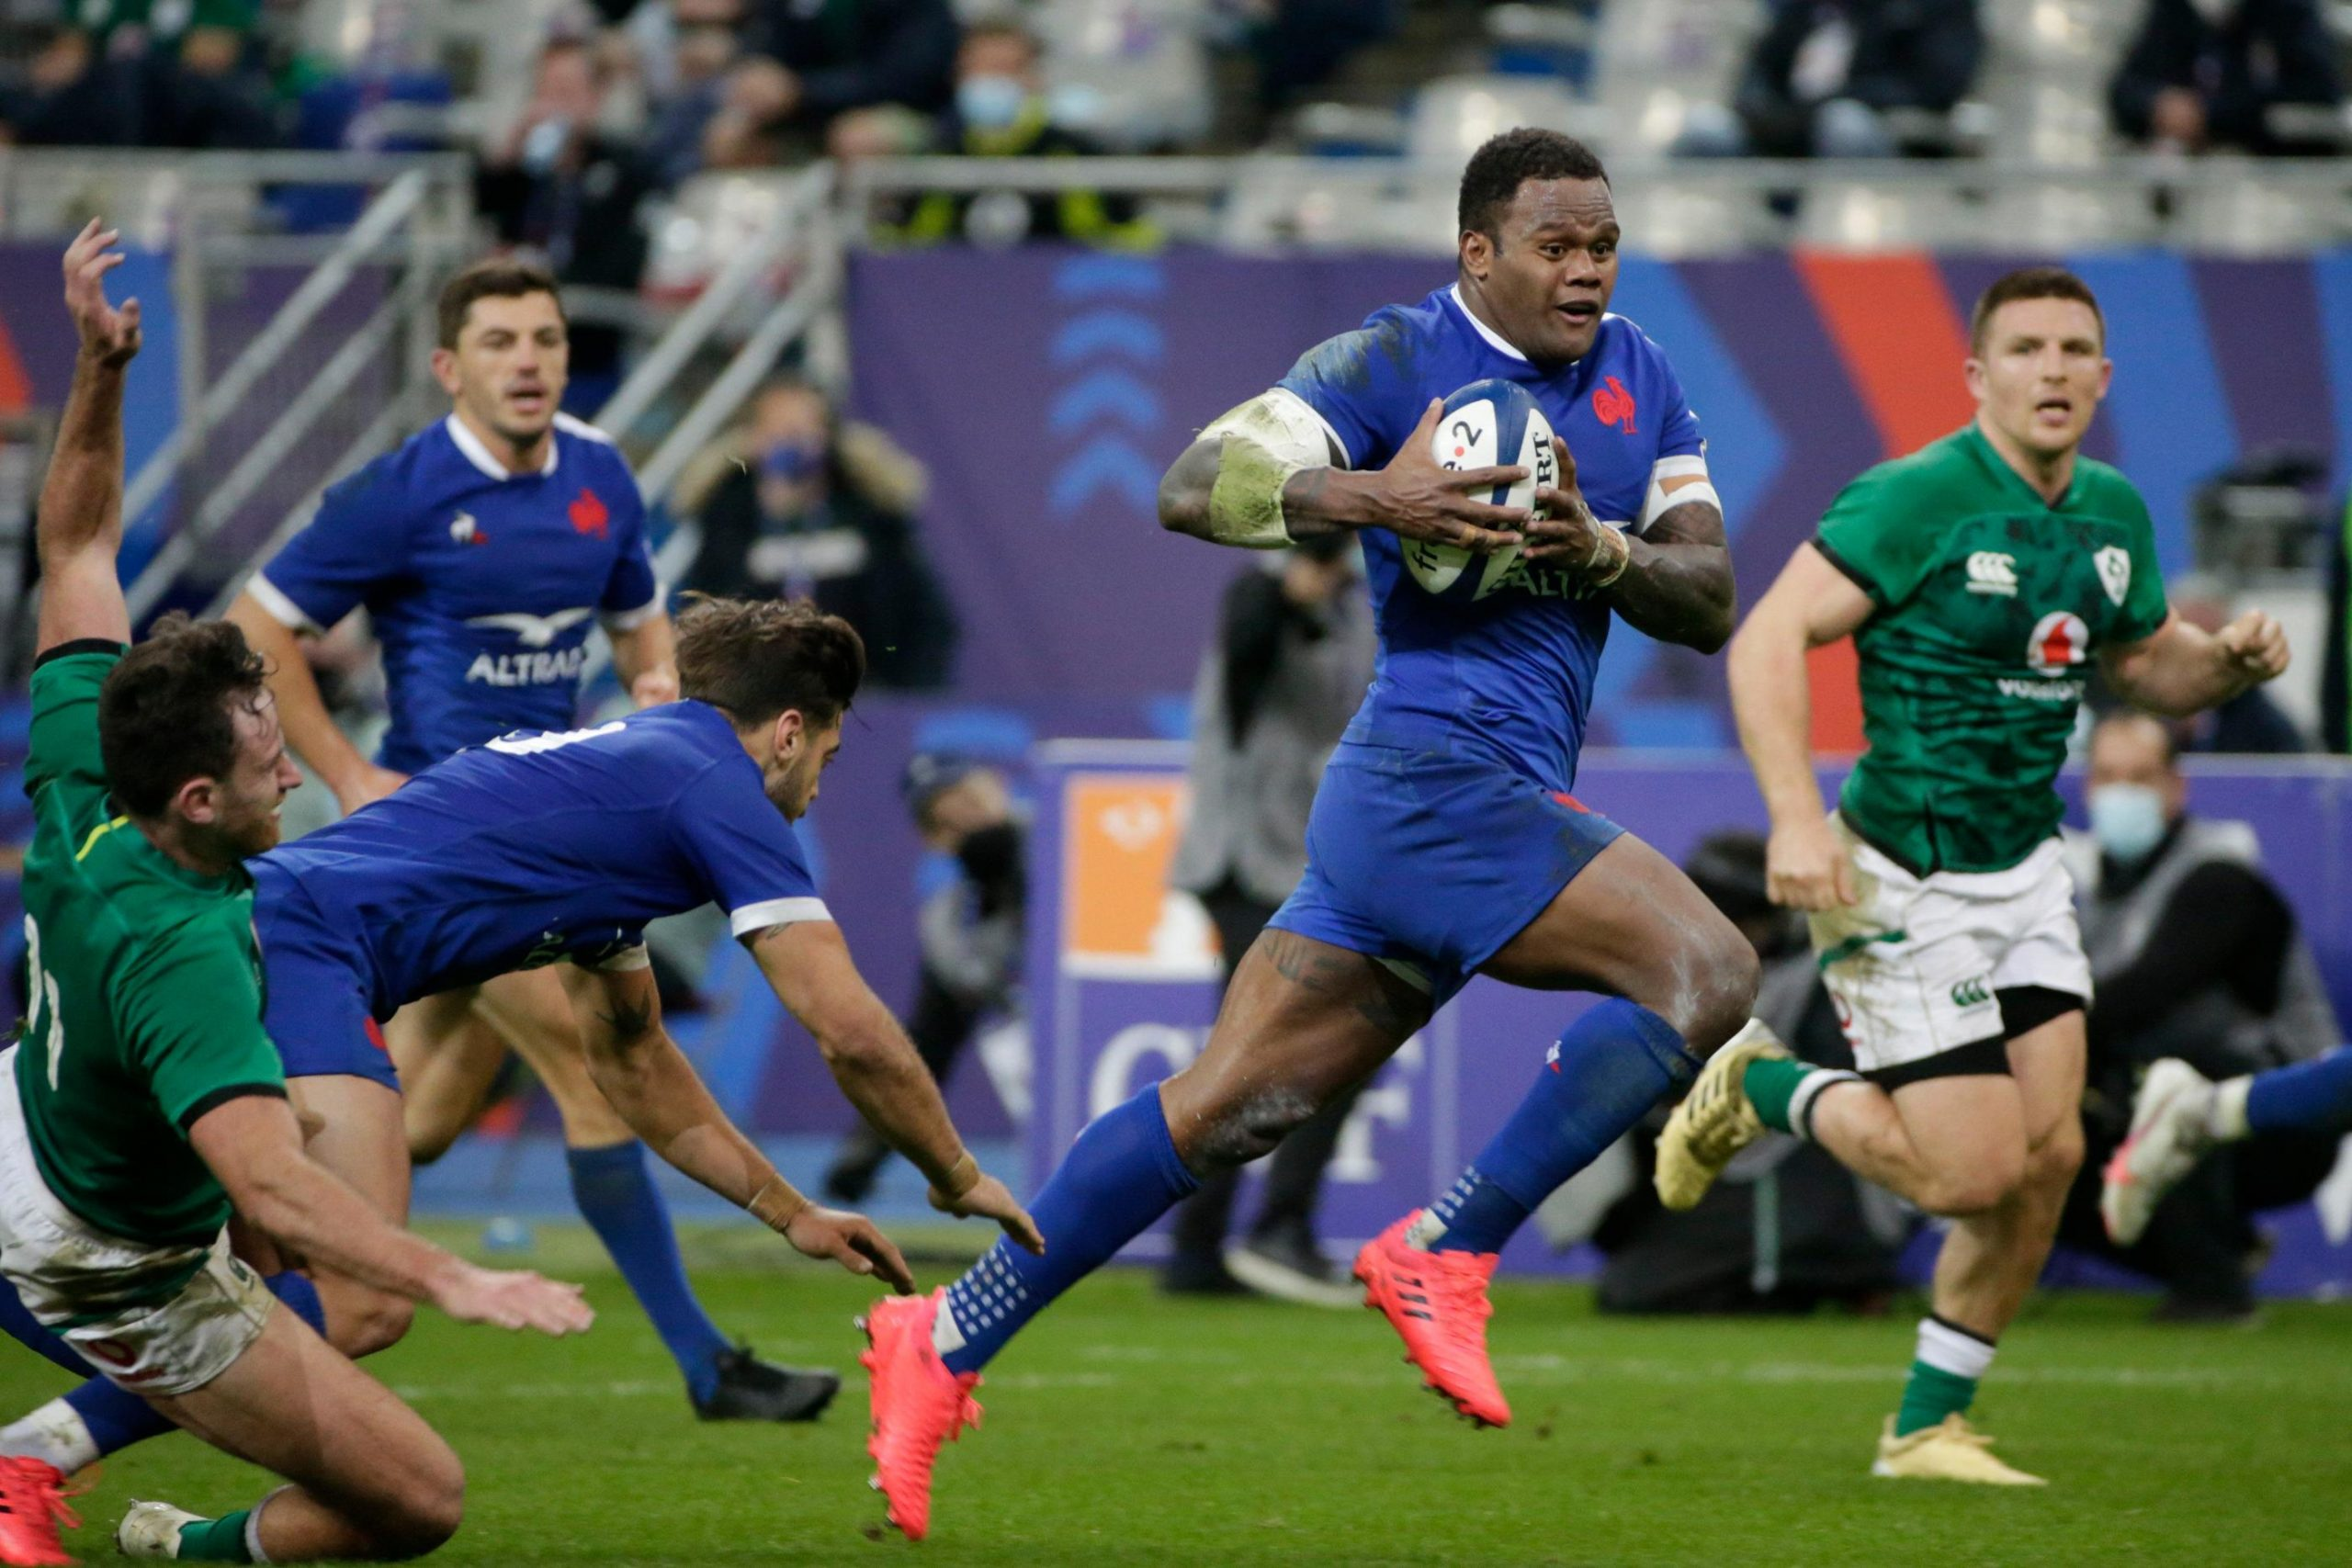 Rugby World Cup 2023: ya se han vendido casi 1 millón de entradas